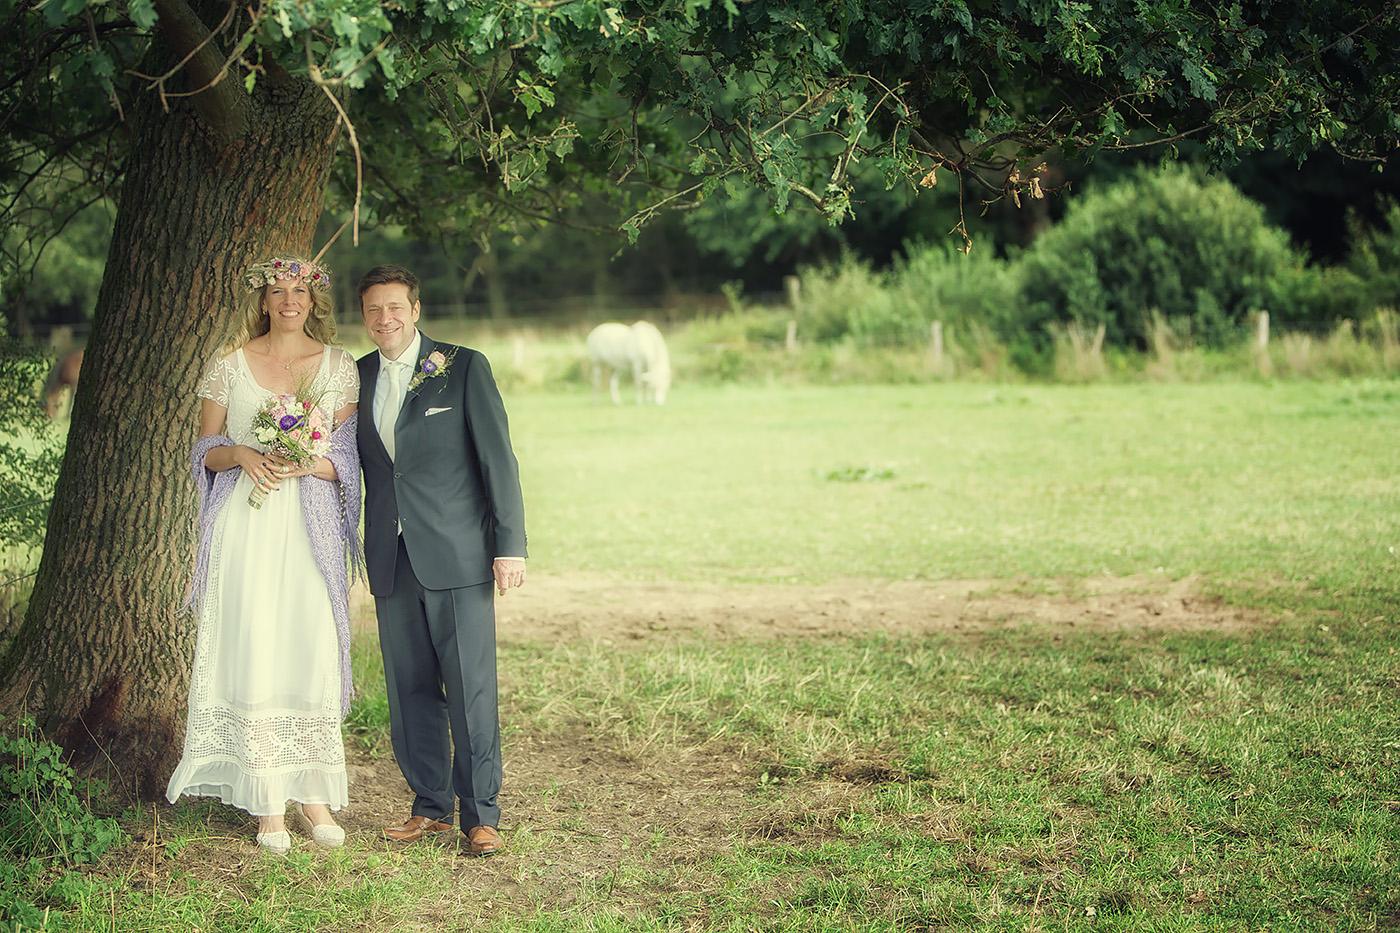 Brautpaar im Feld unter einem Baum stehend